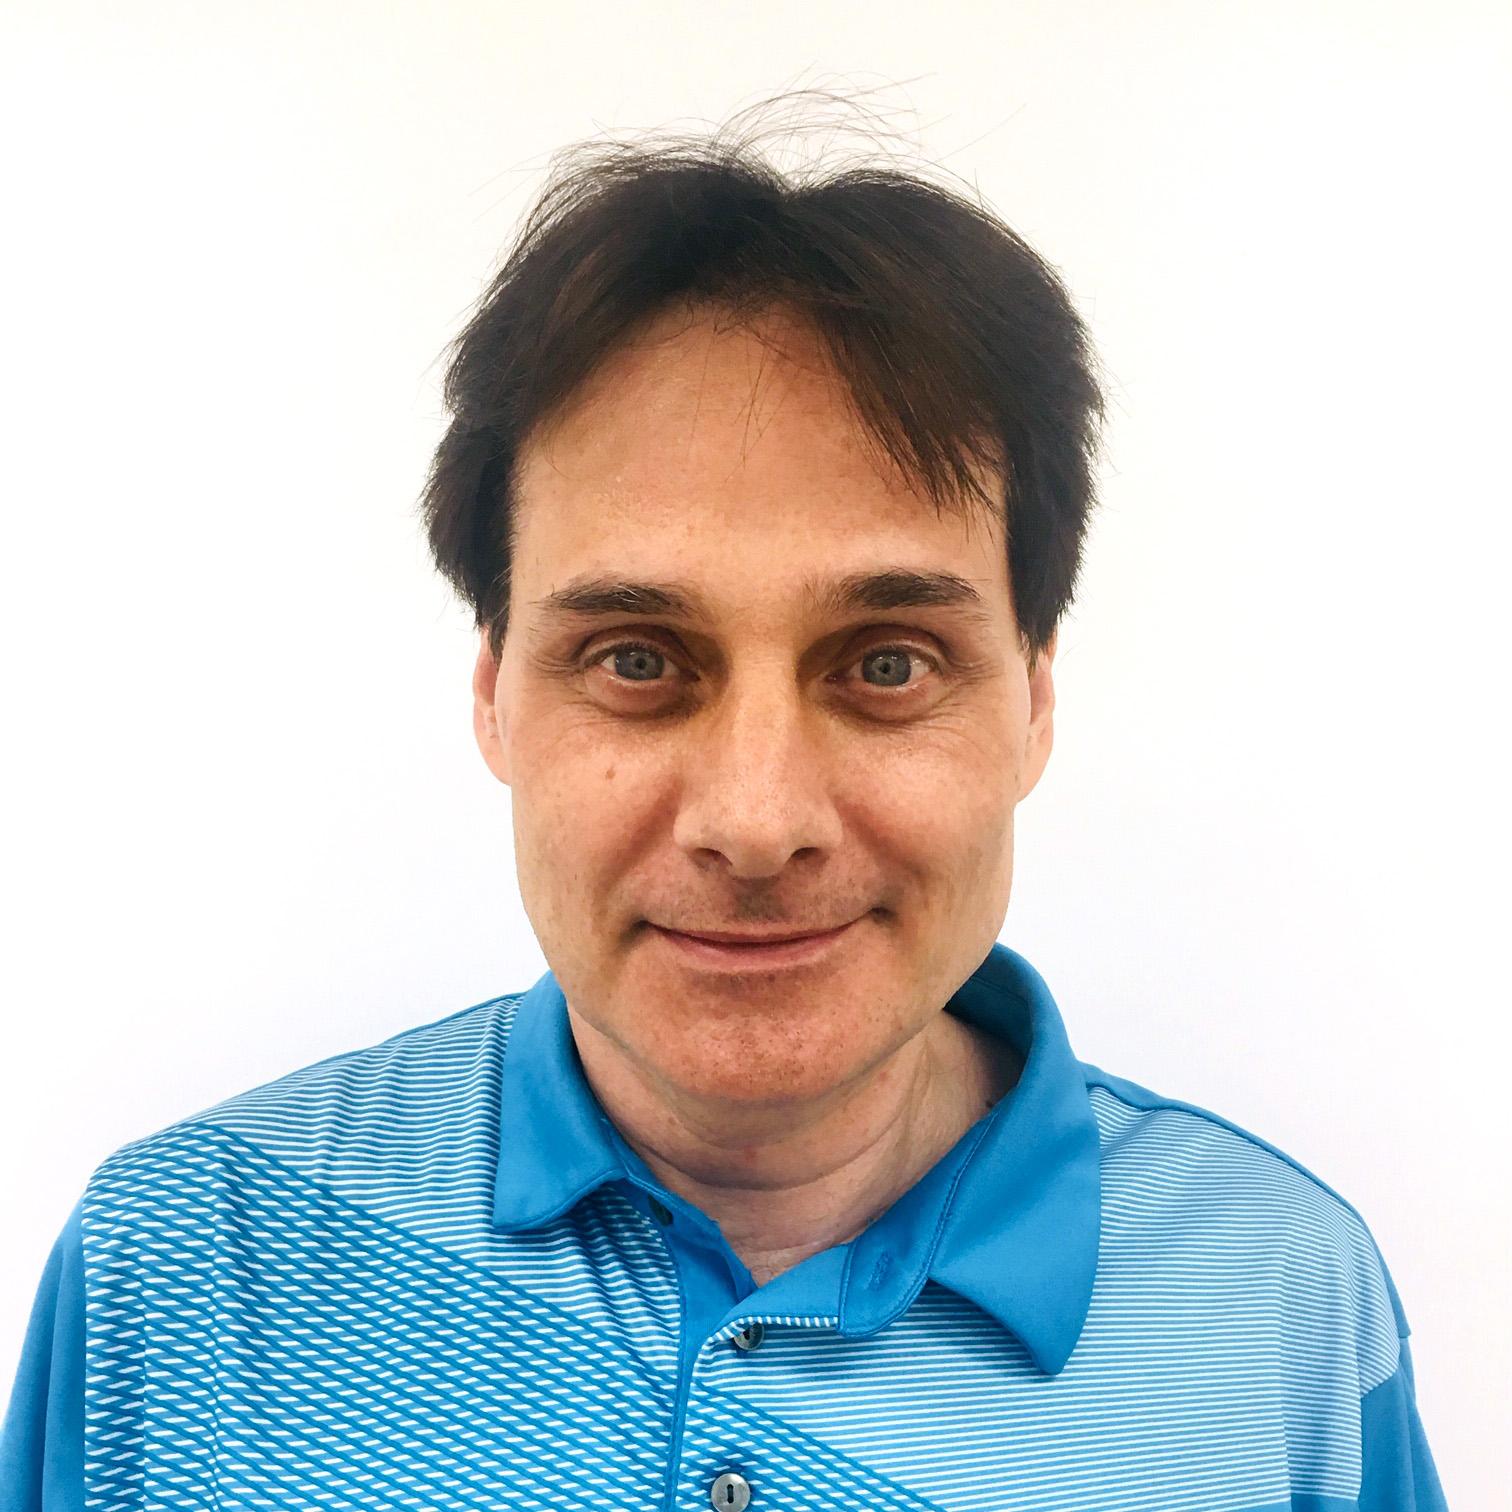 国际象棋-Prpic老师